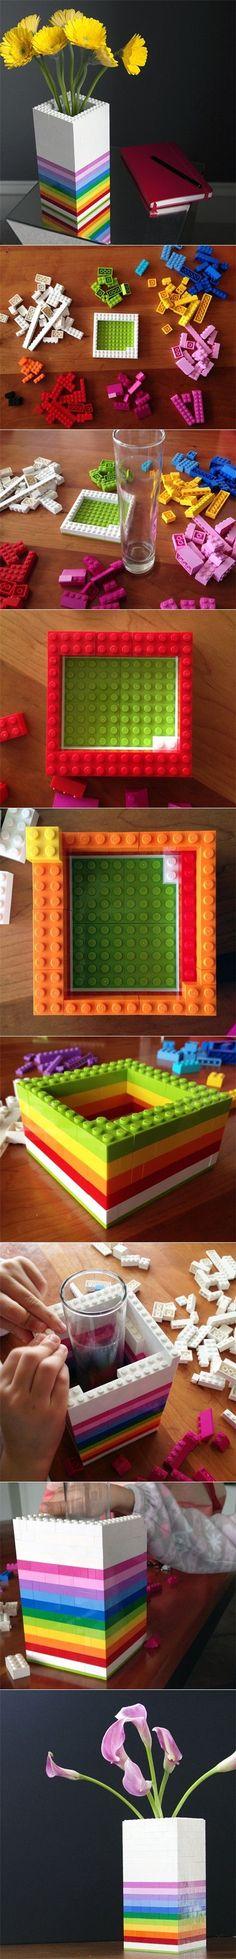 DIY florero con lego *u* Hogar, decoración, flores, lego, colores, DIY